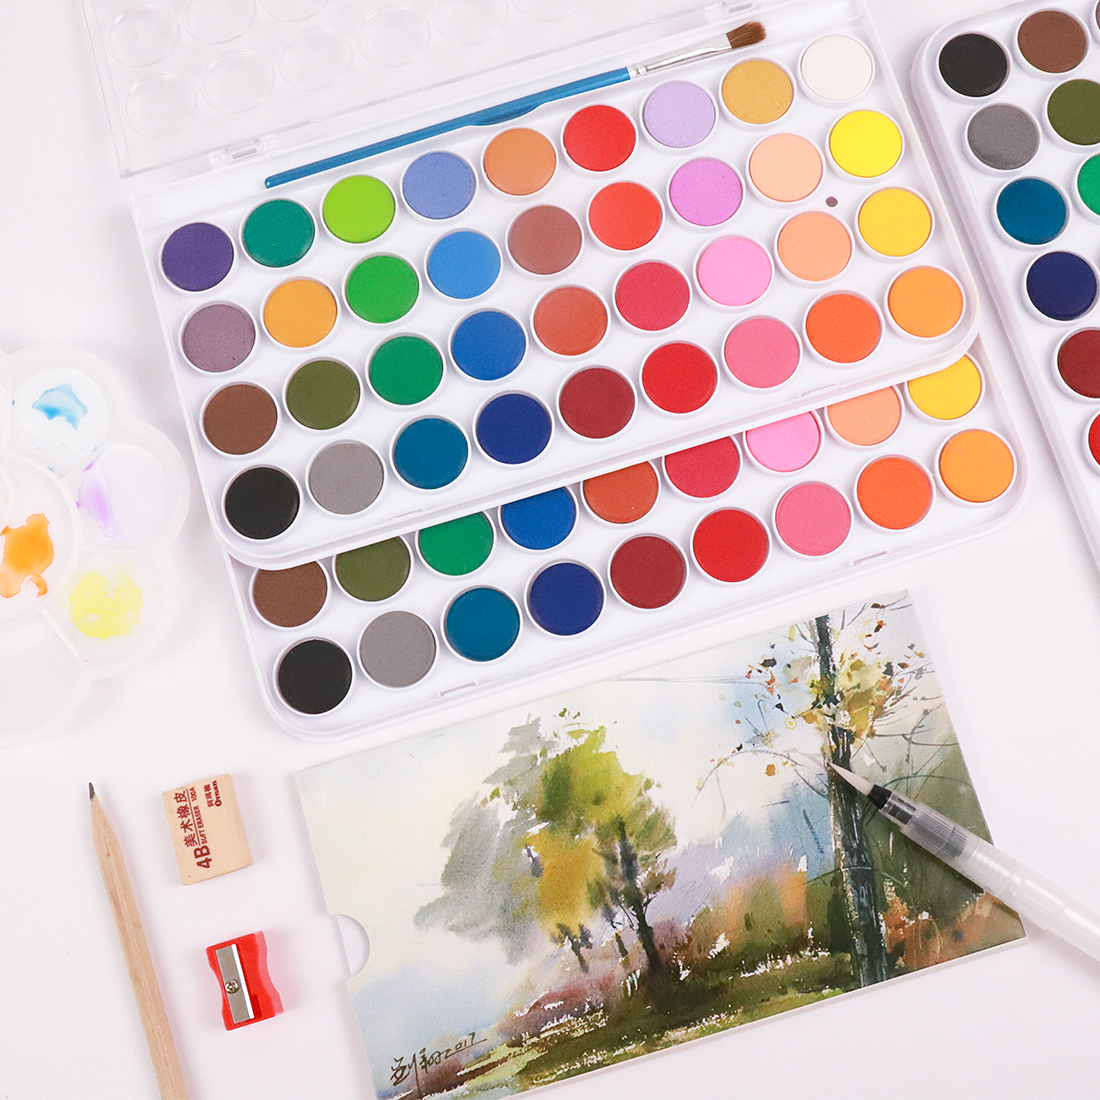 36 kolorów profesjonalne farby akwarelowe zestaw do malowania rysunku za pomocą bezpłatnych pędzli i papierów